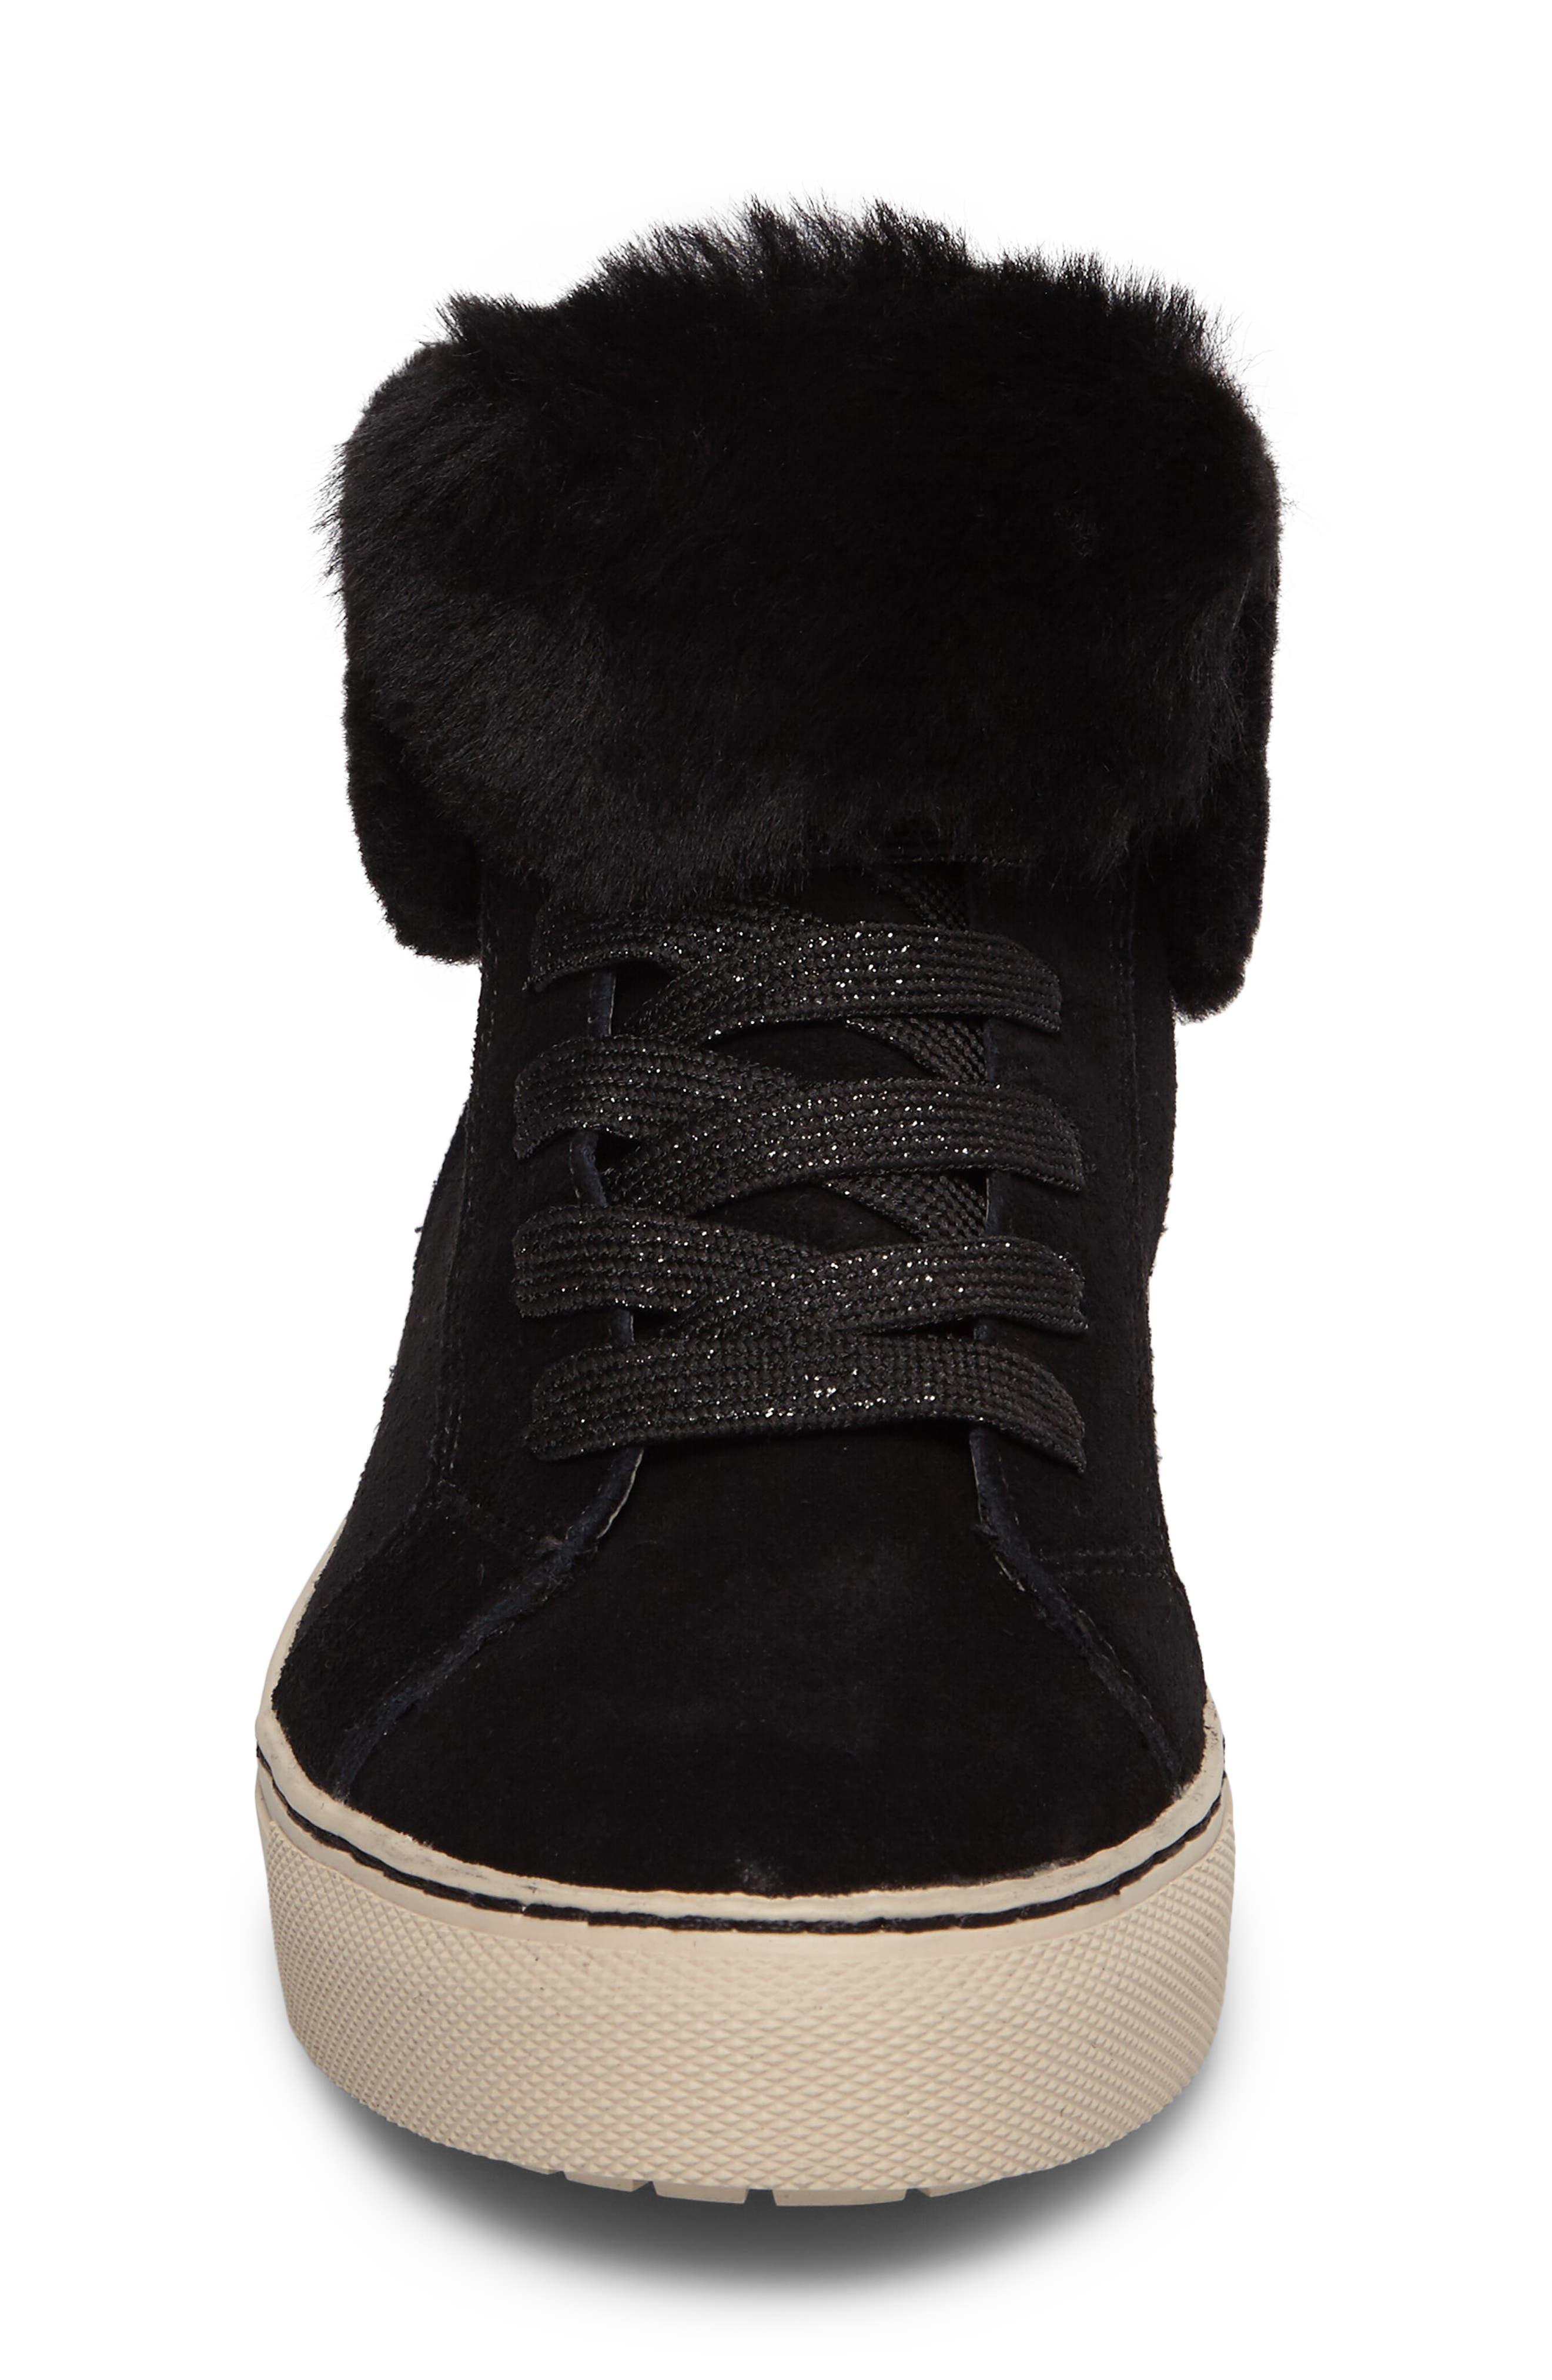 Downey Waterproof Genuine Shearling Sneaker,                             Alternate thumbnail 4, color,                             Black Suede